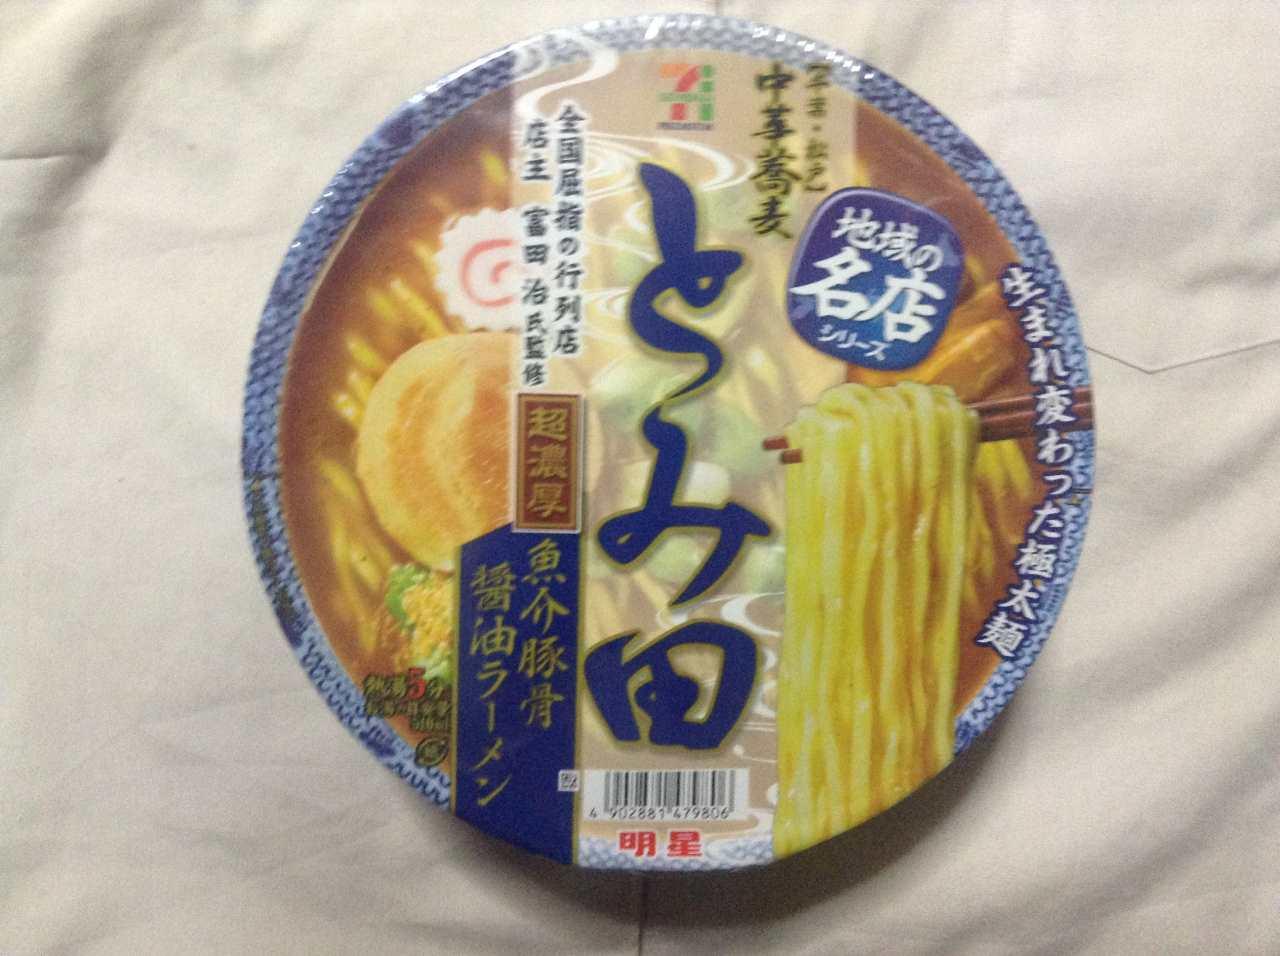 セブンプレミアムのカップラーメンのパッケージ とみ田魚介豚骨醤油ラーメン